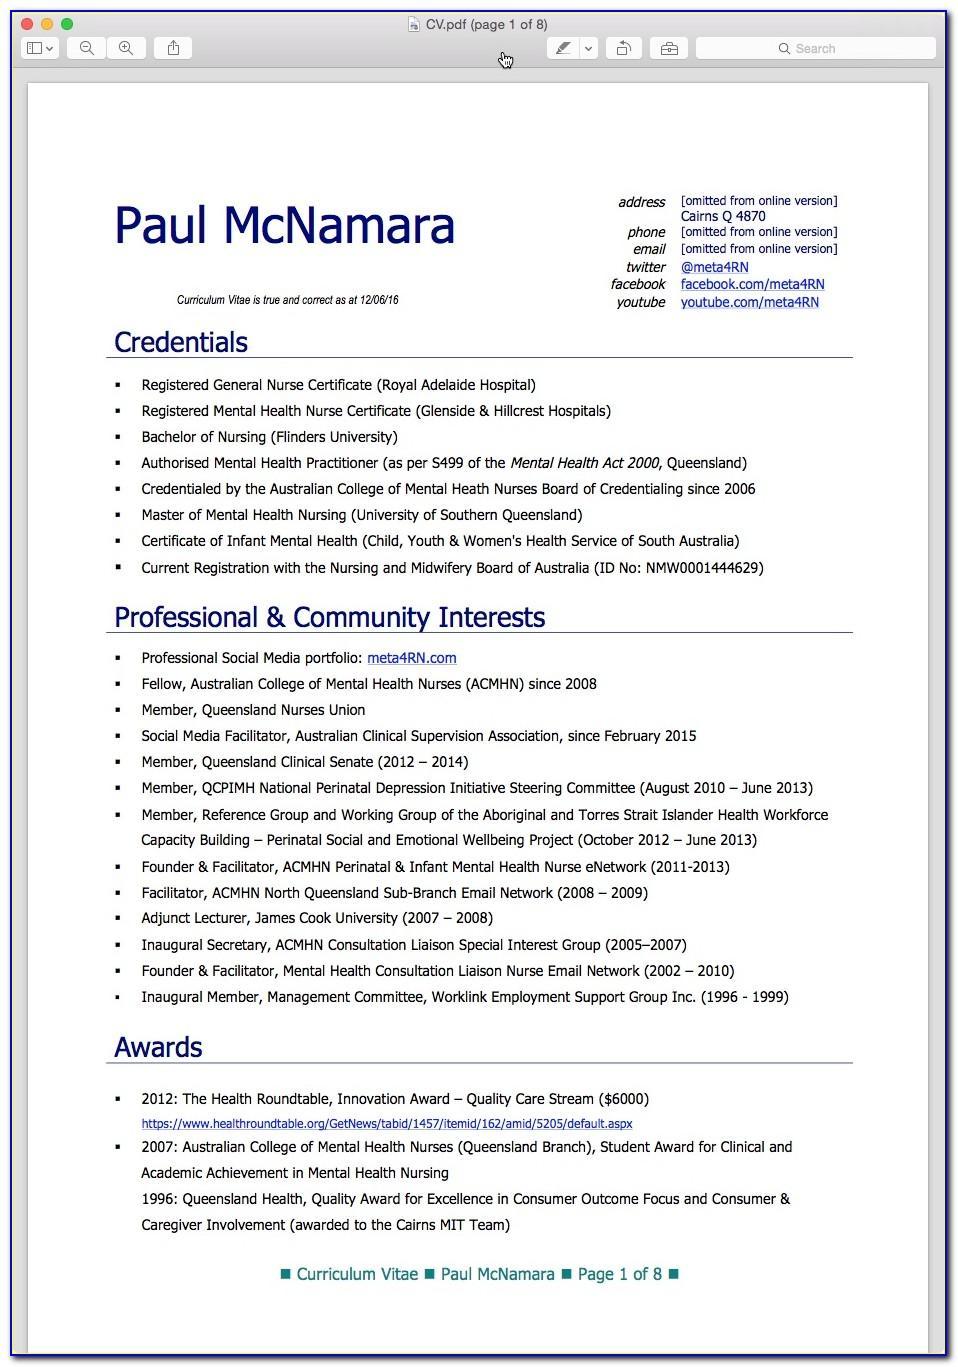 Nursing Curriculum Vitae Template Australia